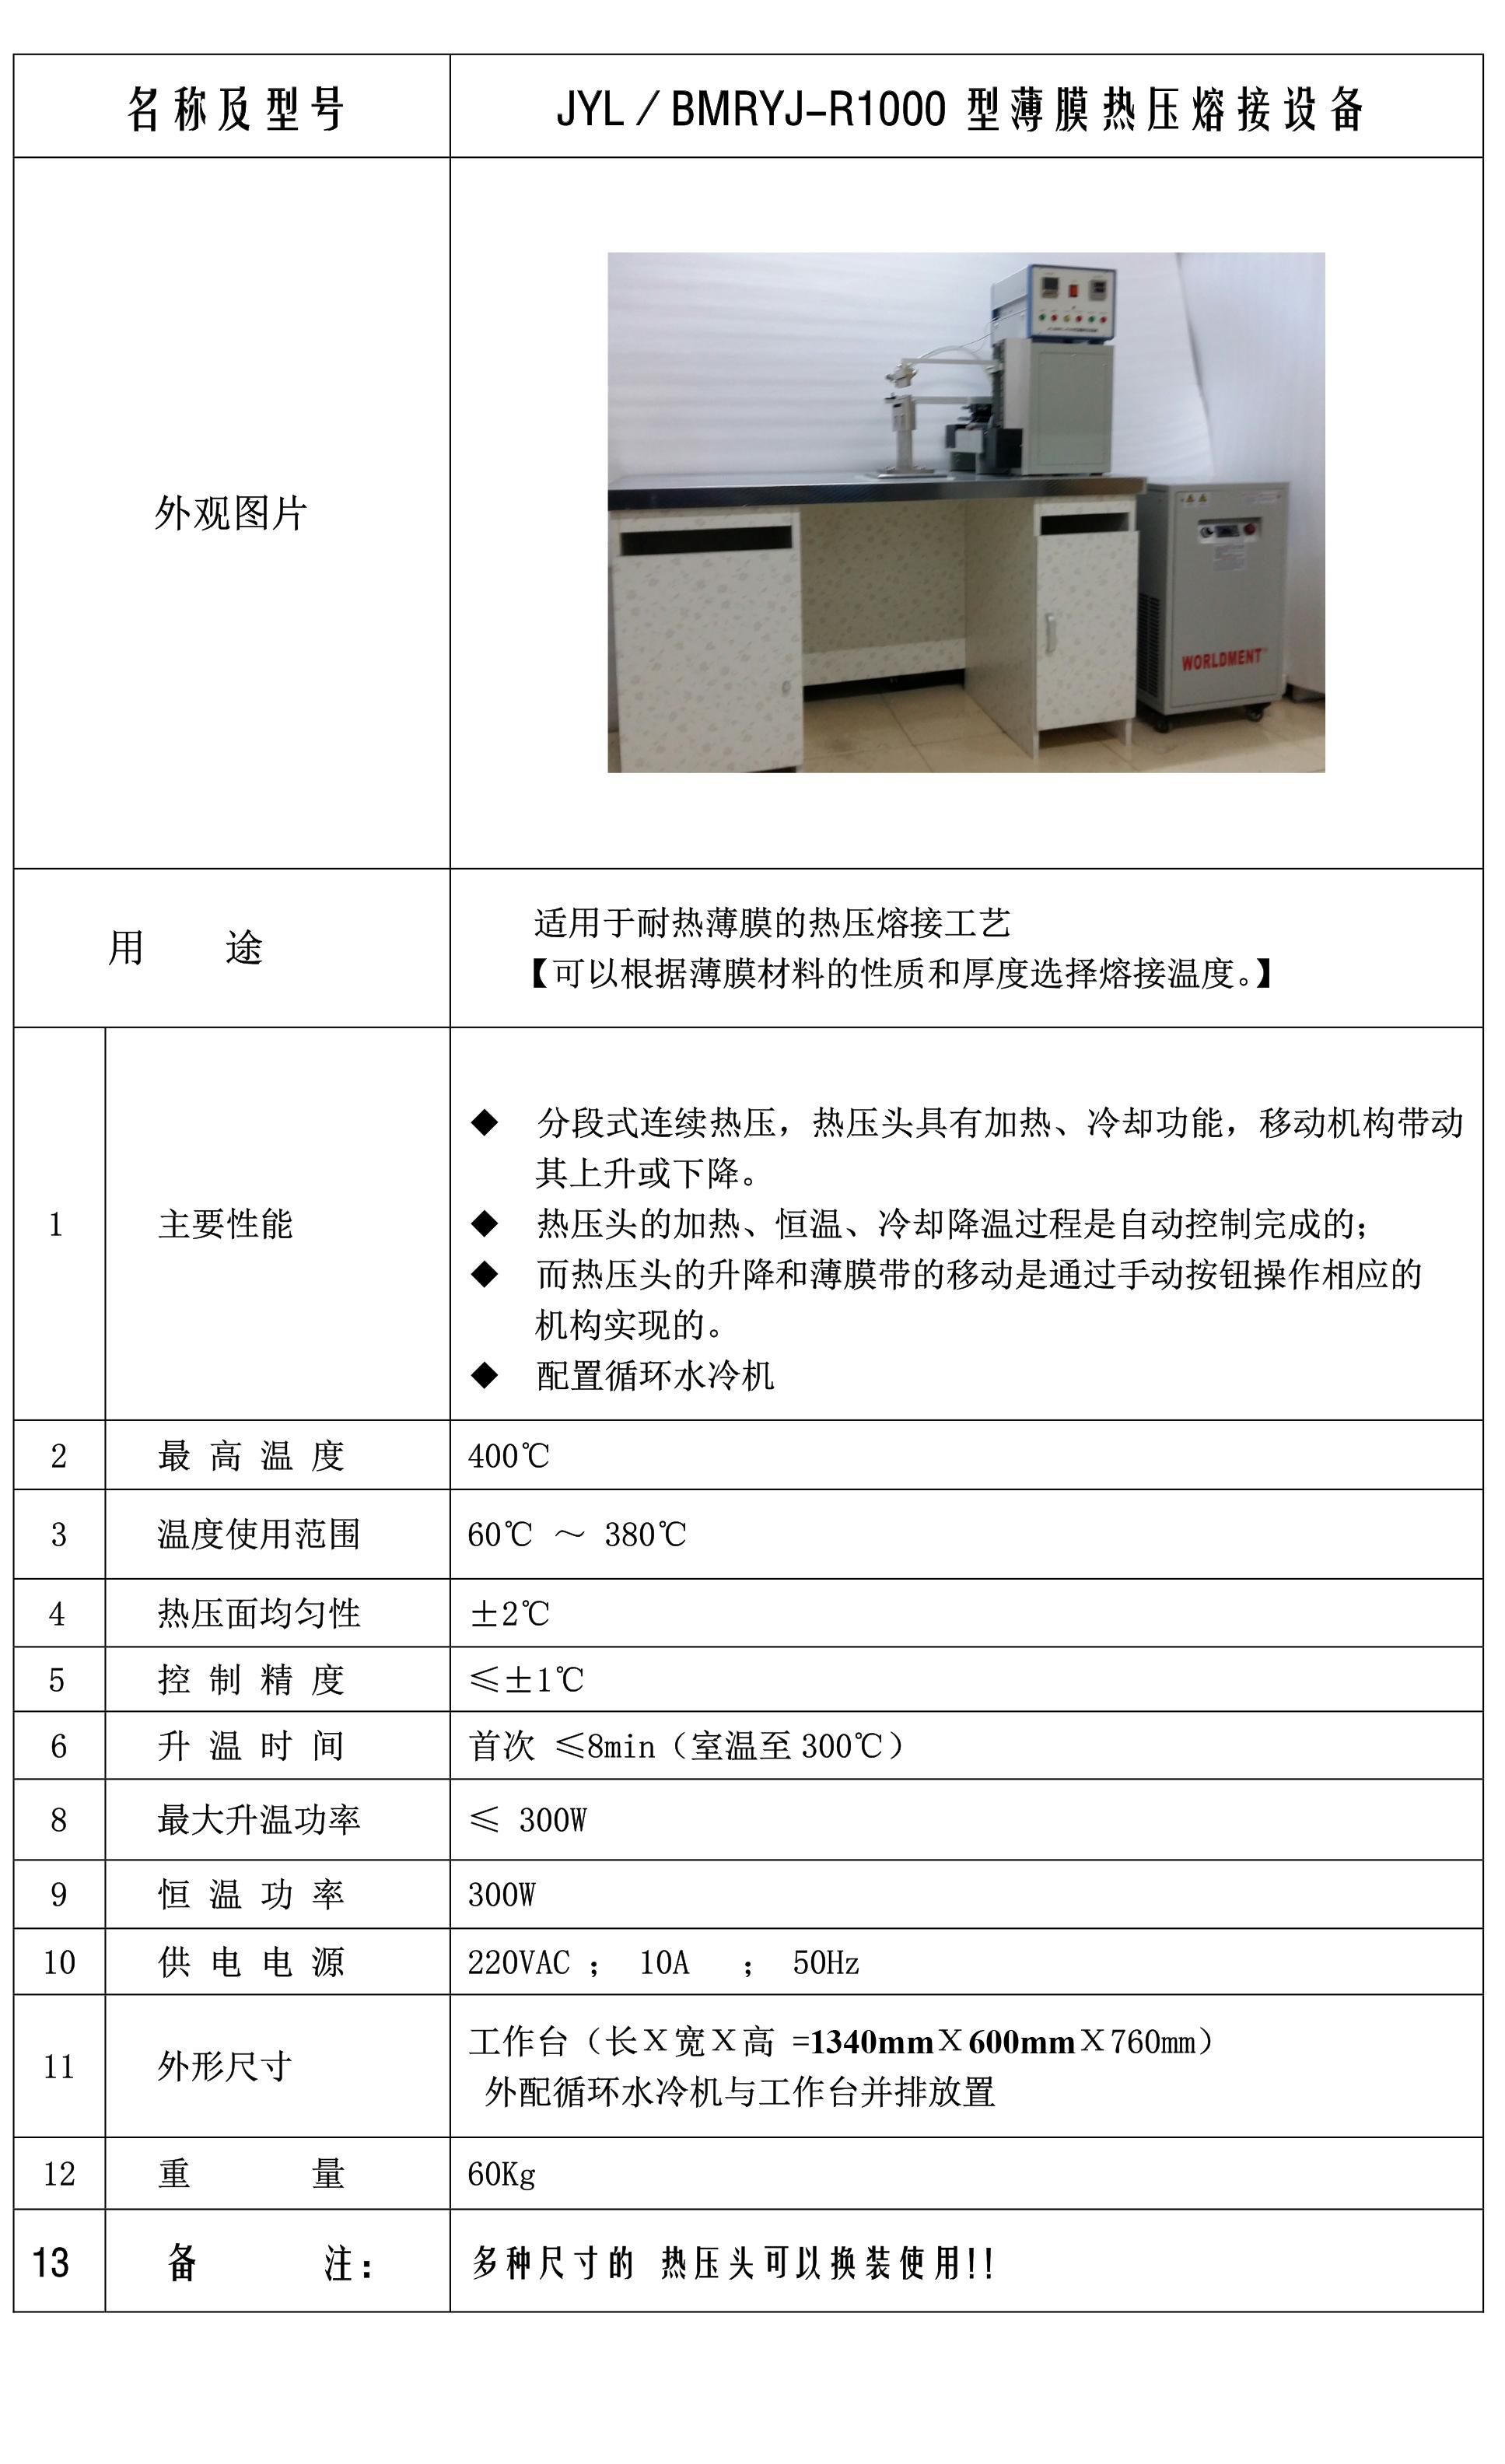 網站產品參數圖片-007薄膜熔接